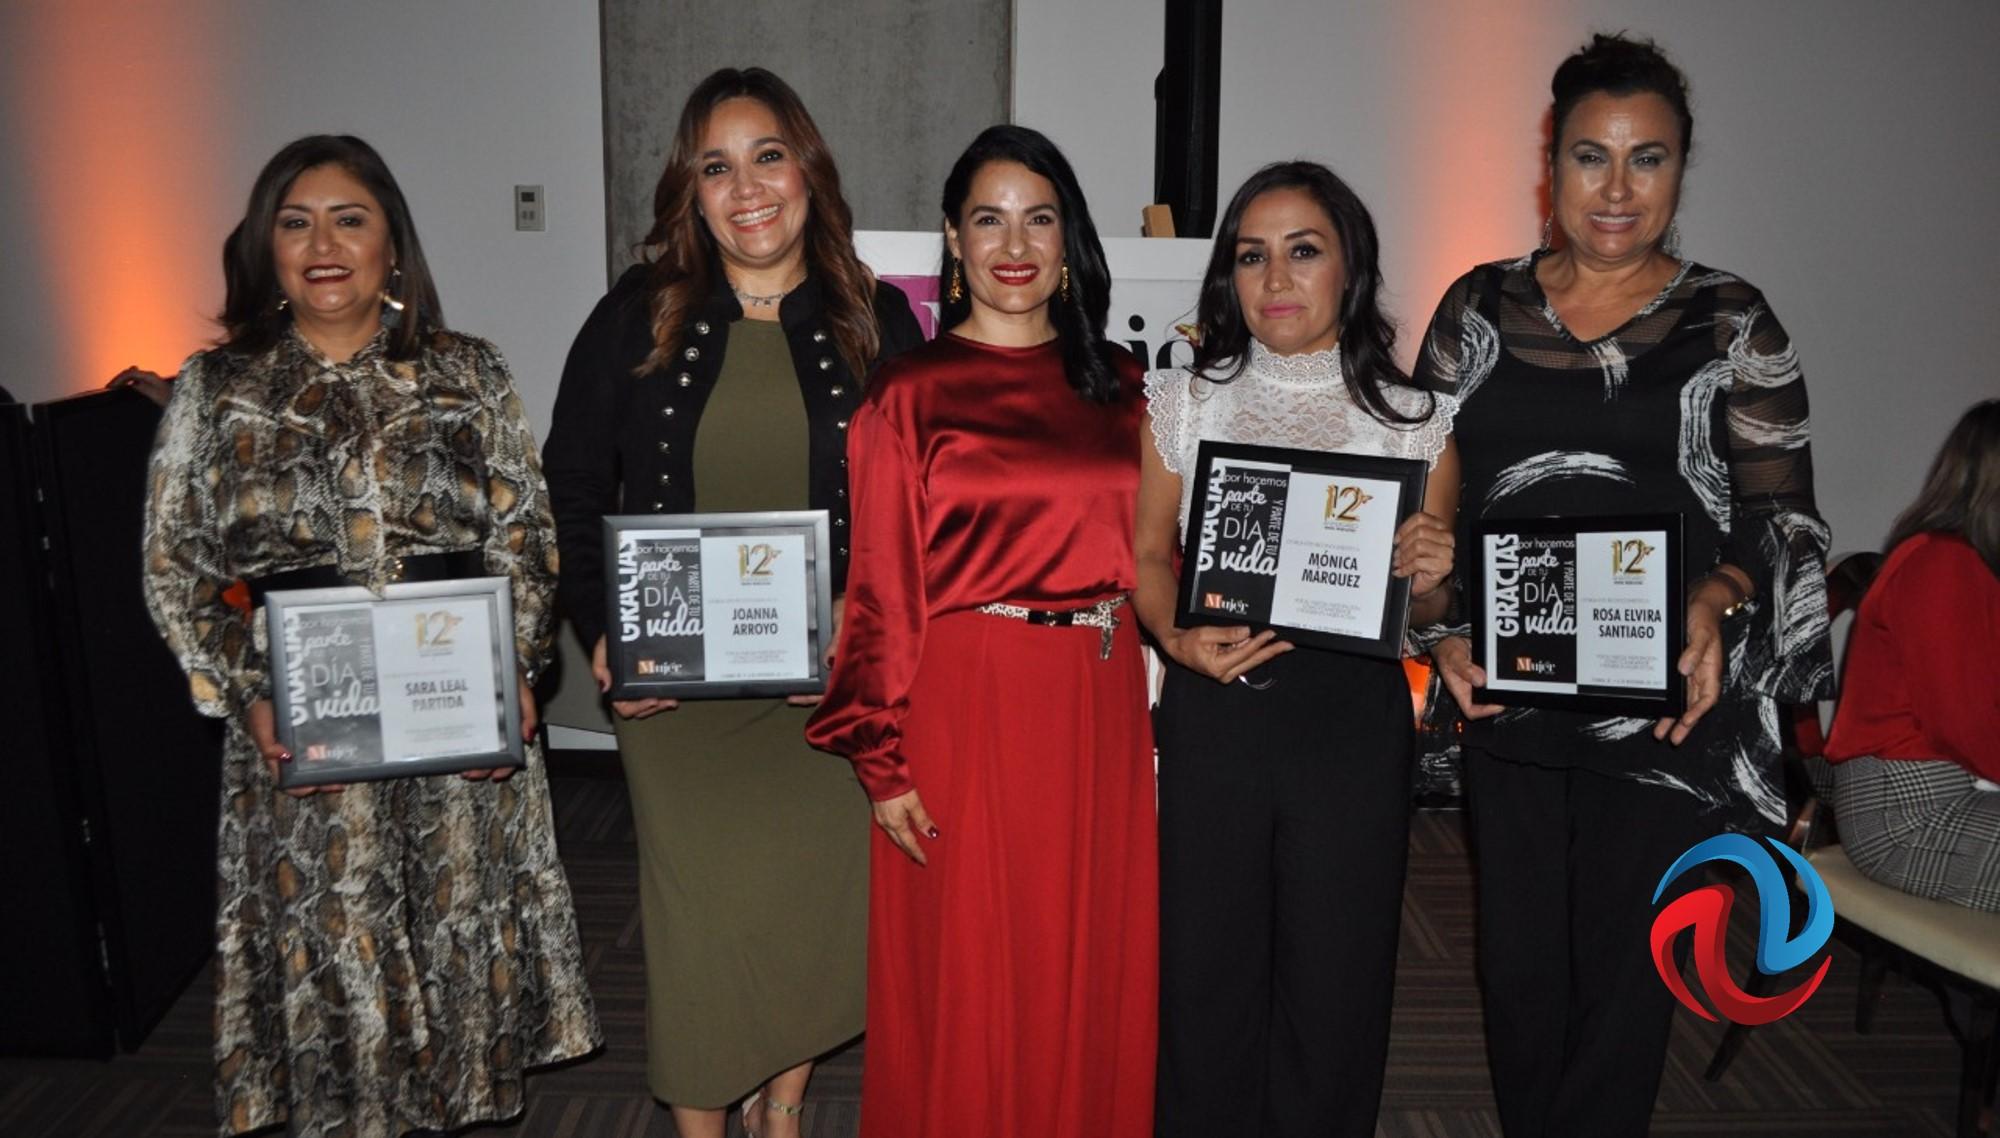 Celebraron 12 Aniversario de Mujer actual